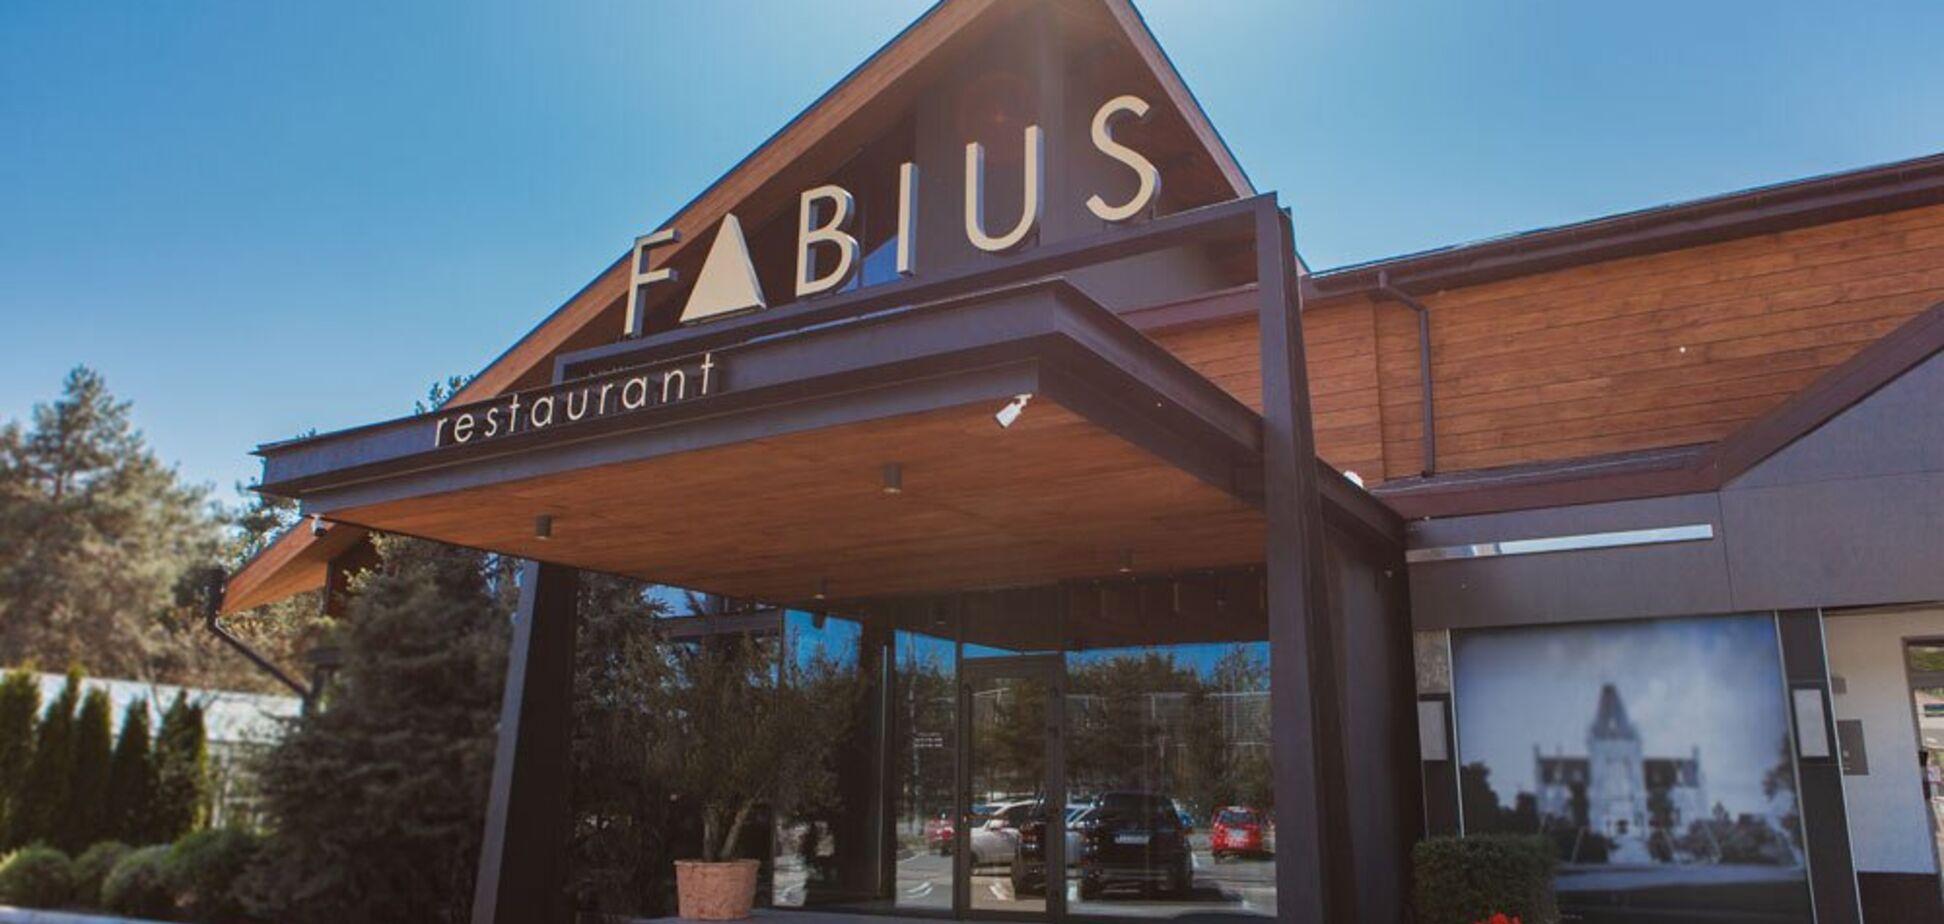 Потап і Каменських вибрали Фабіус: за що критикують цей ресторан, відгуки, фото